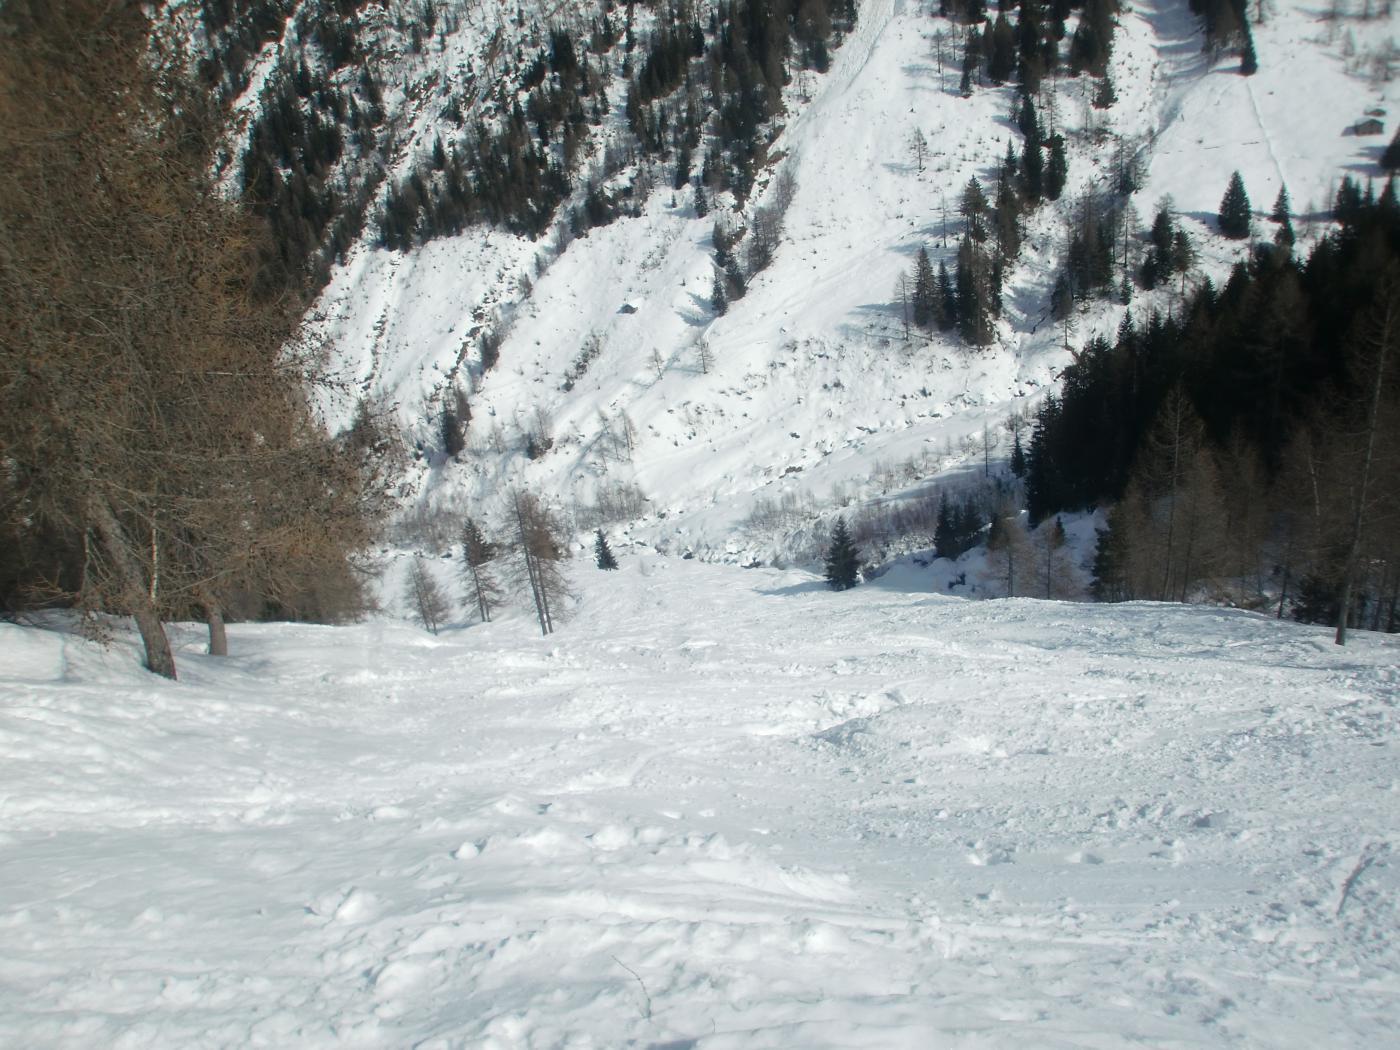 Ultimo tratto di bosco (sinistra orografica Val Lunga) con neve primaverile